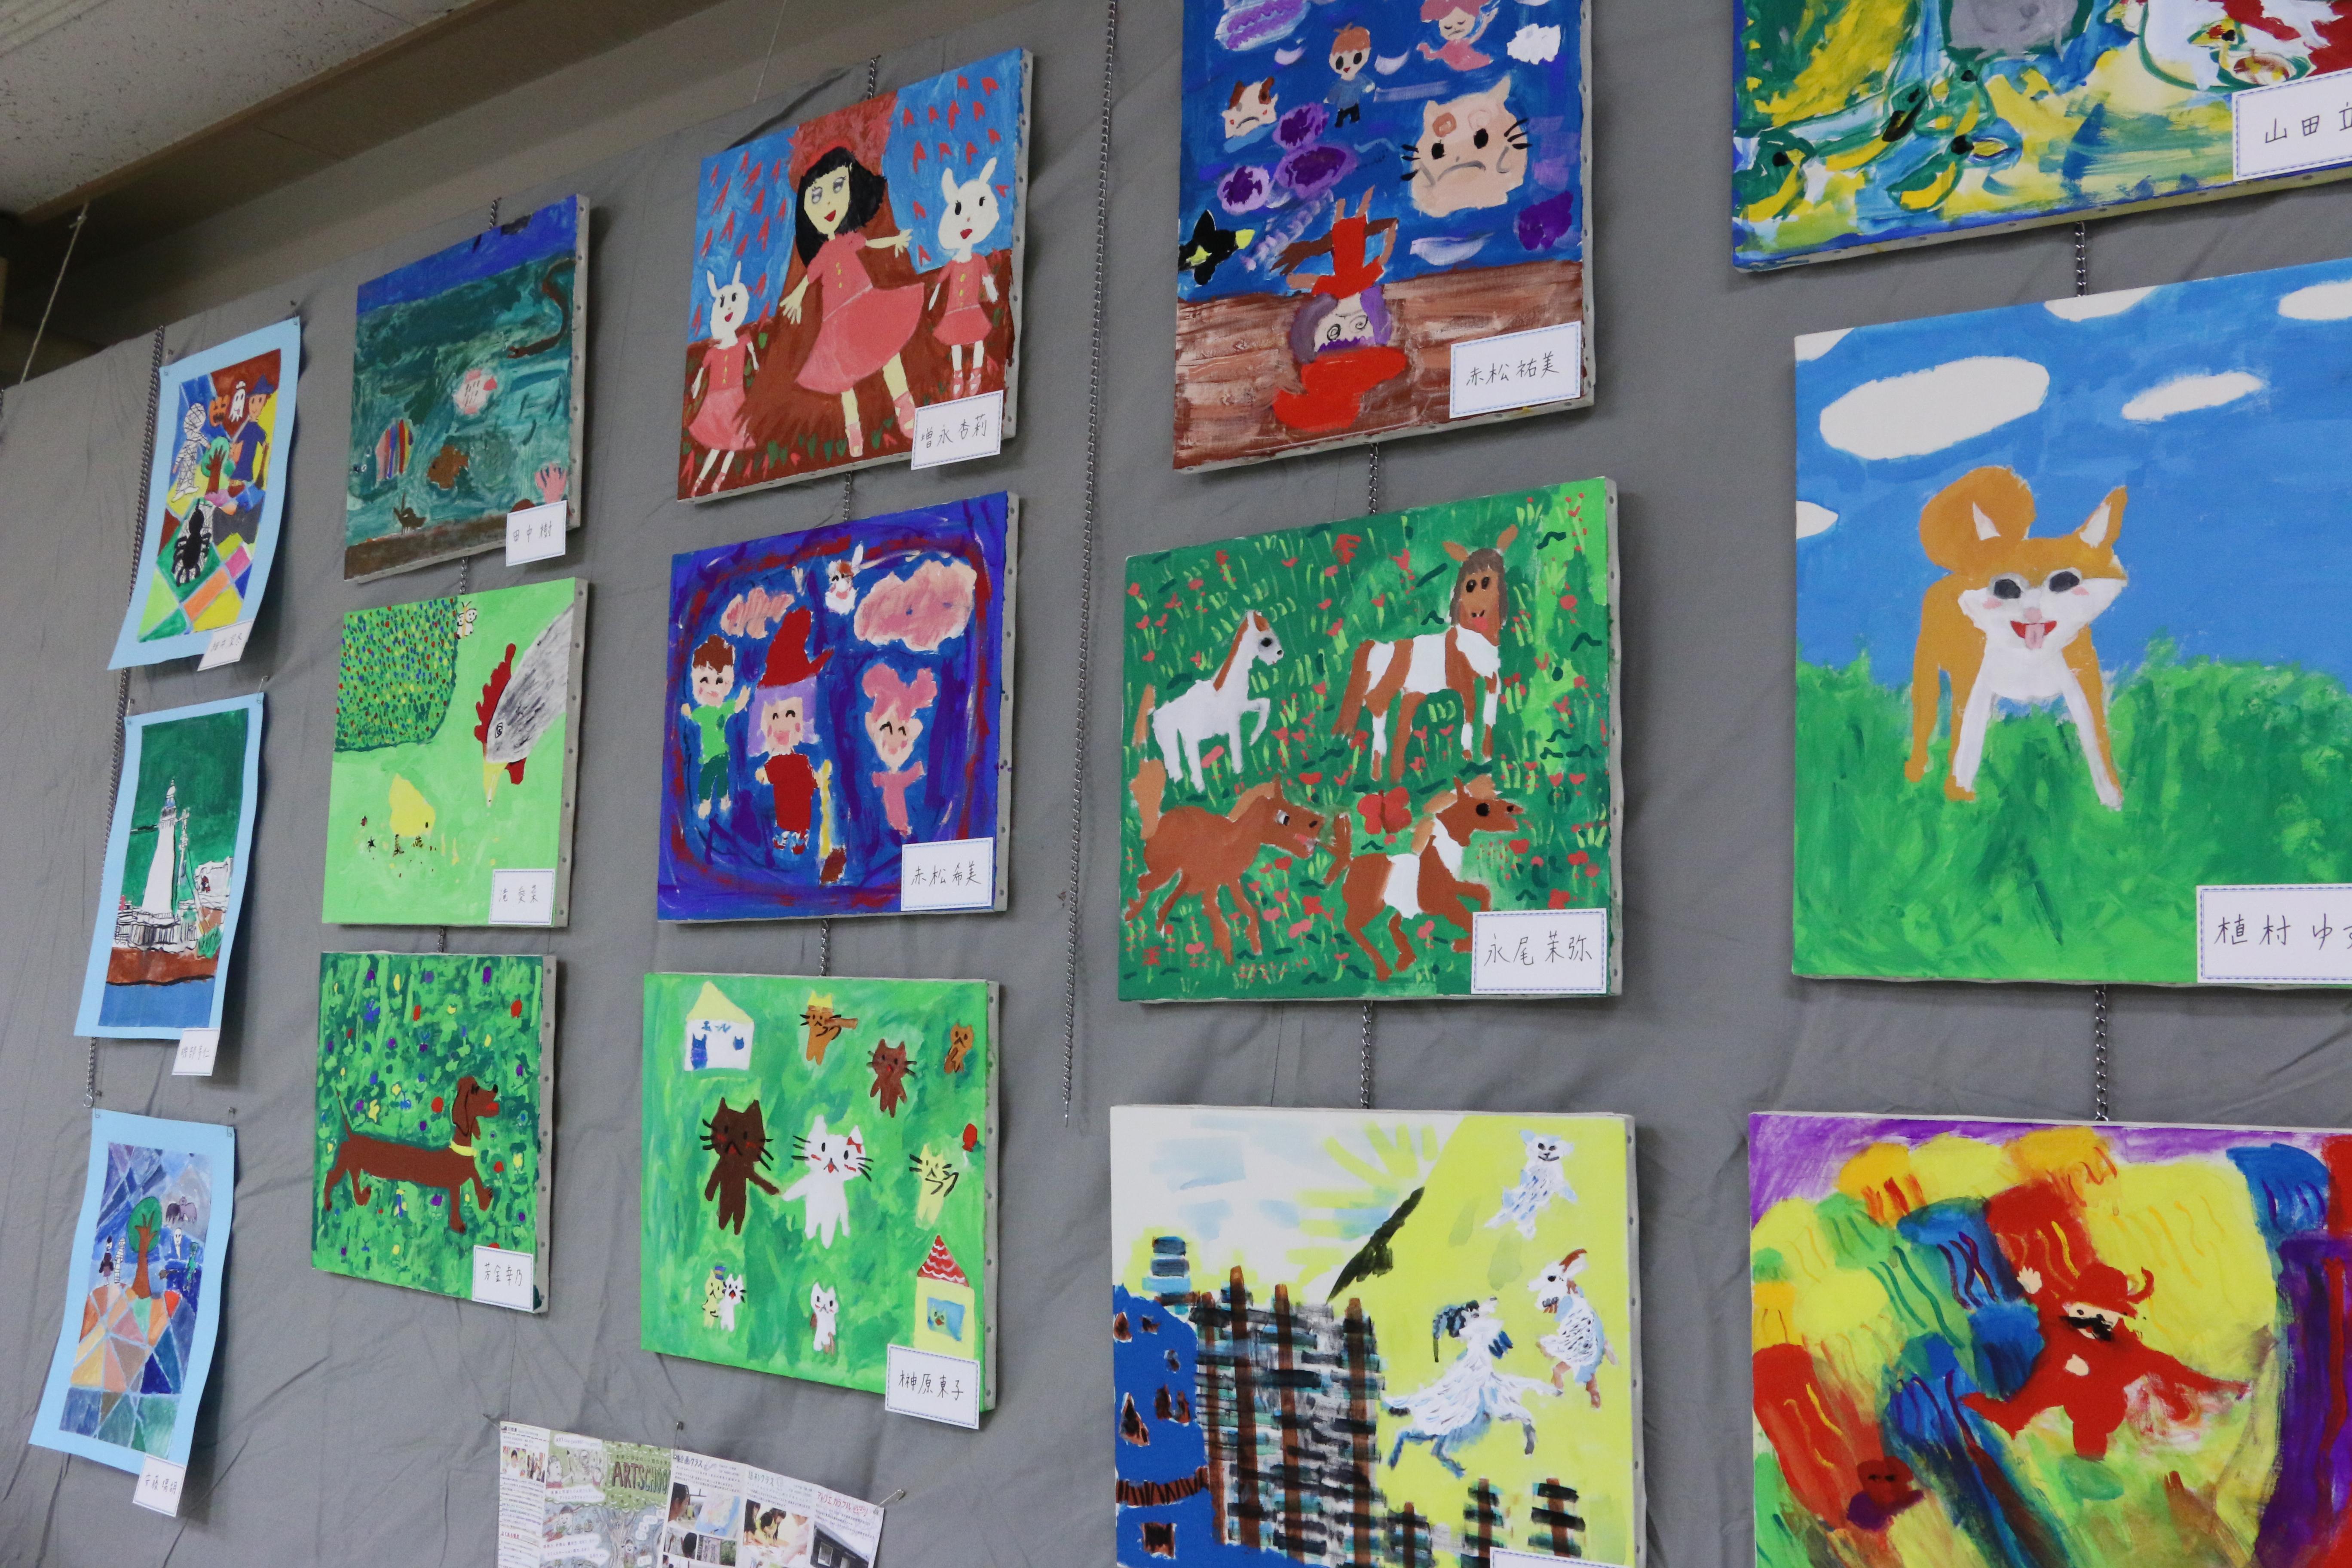 絵画クラス作品の展示 イメージ画像